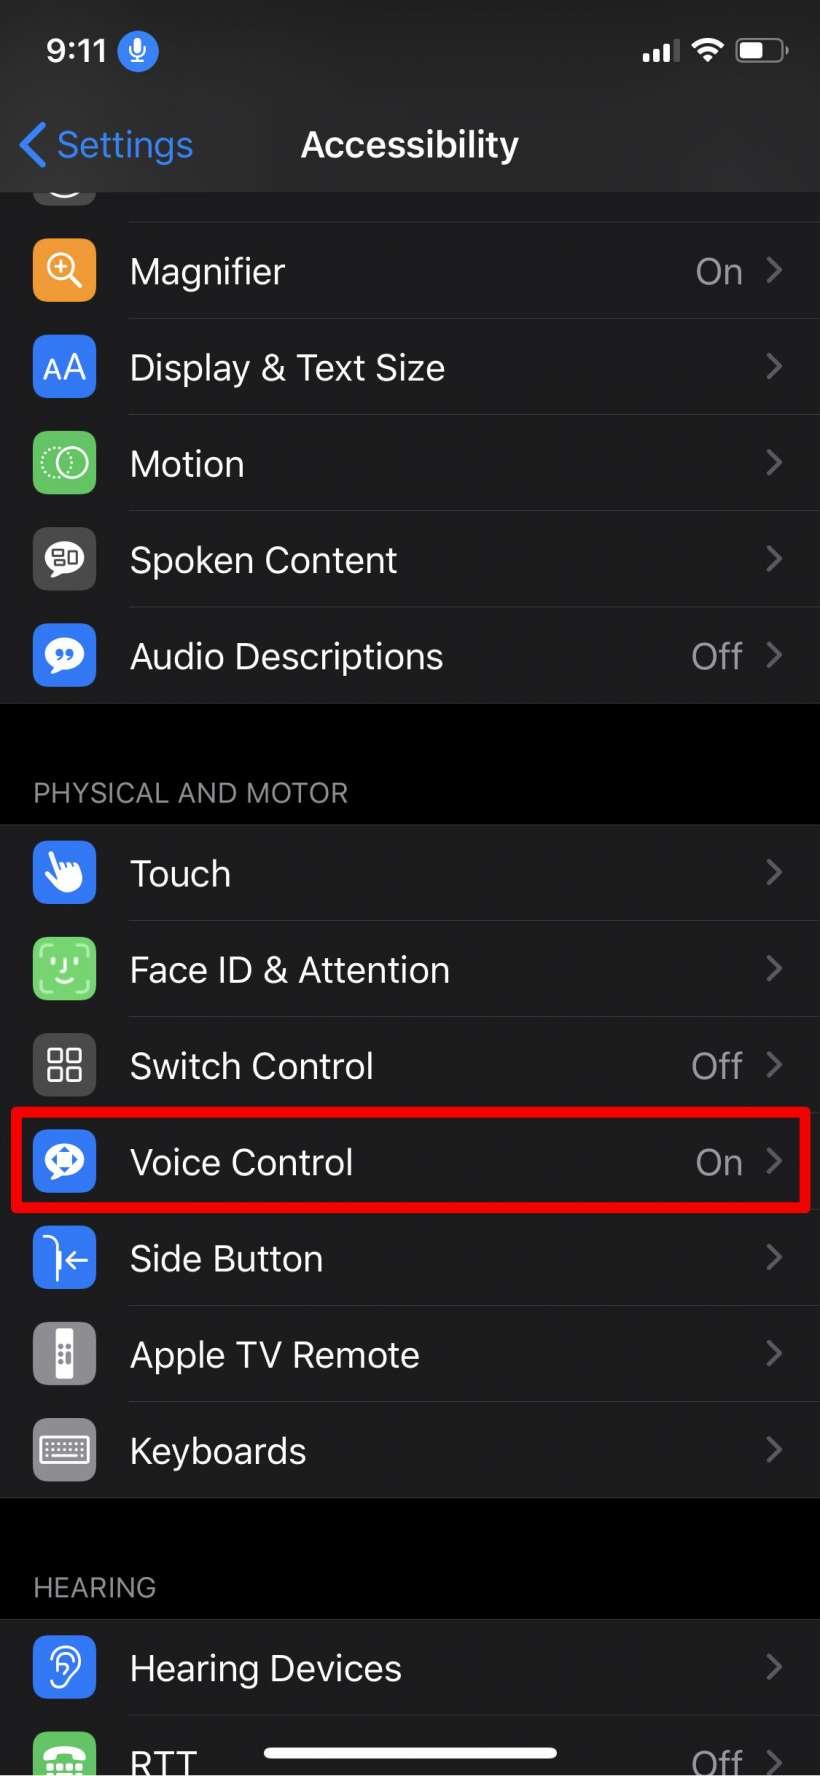 ¿Cómo se pueden crear comandos de voz personalizadas para la accesibilidad del control de voz en el iPhone y el iPad.